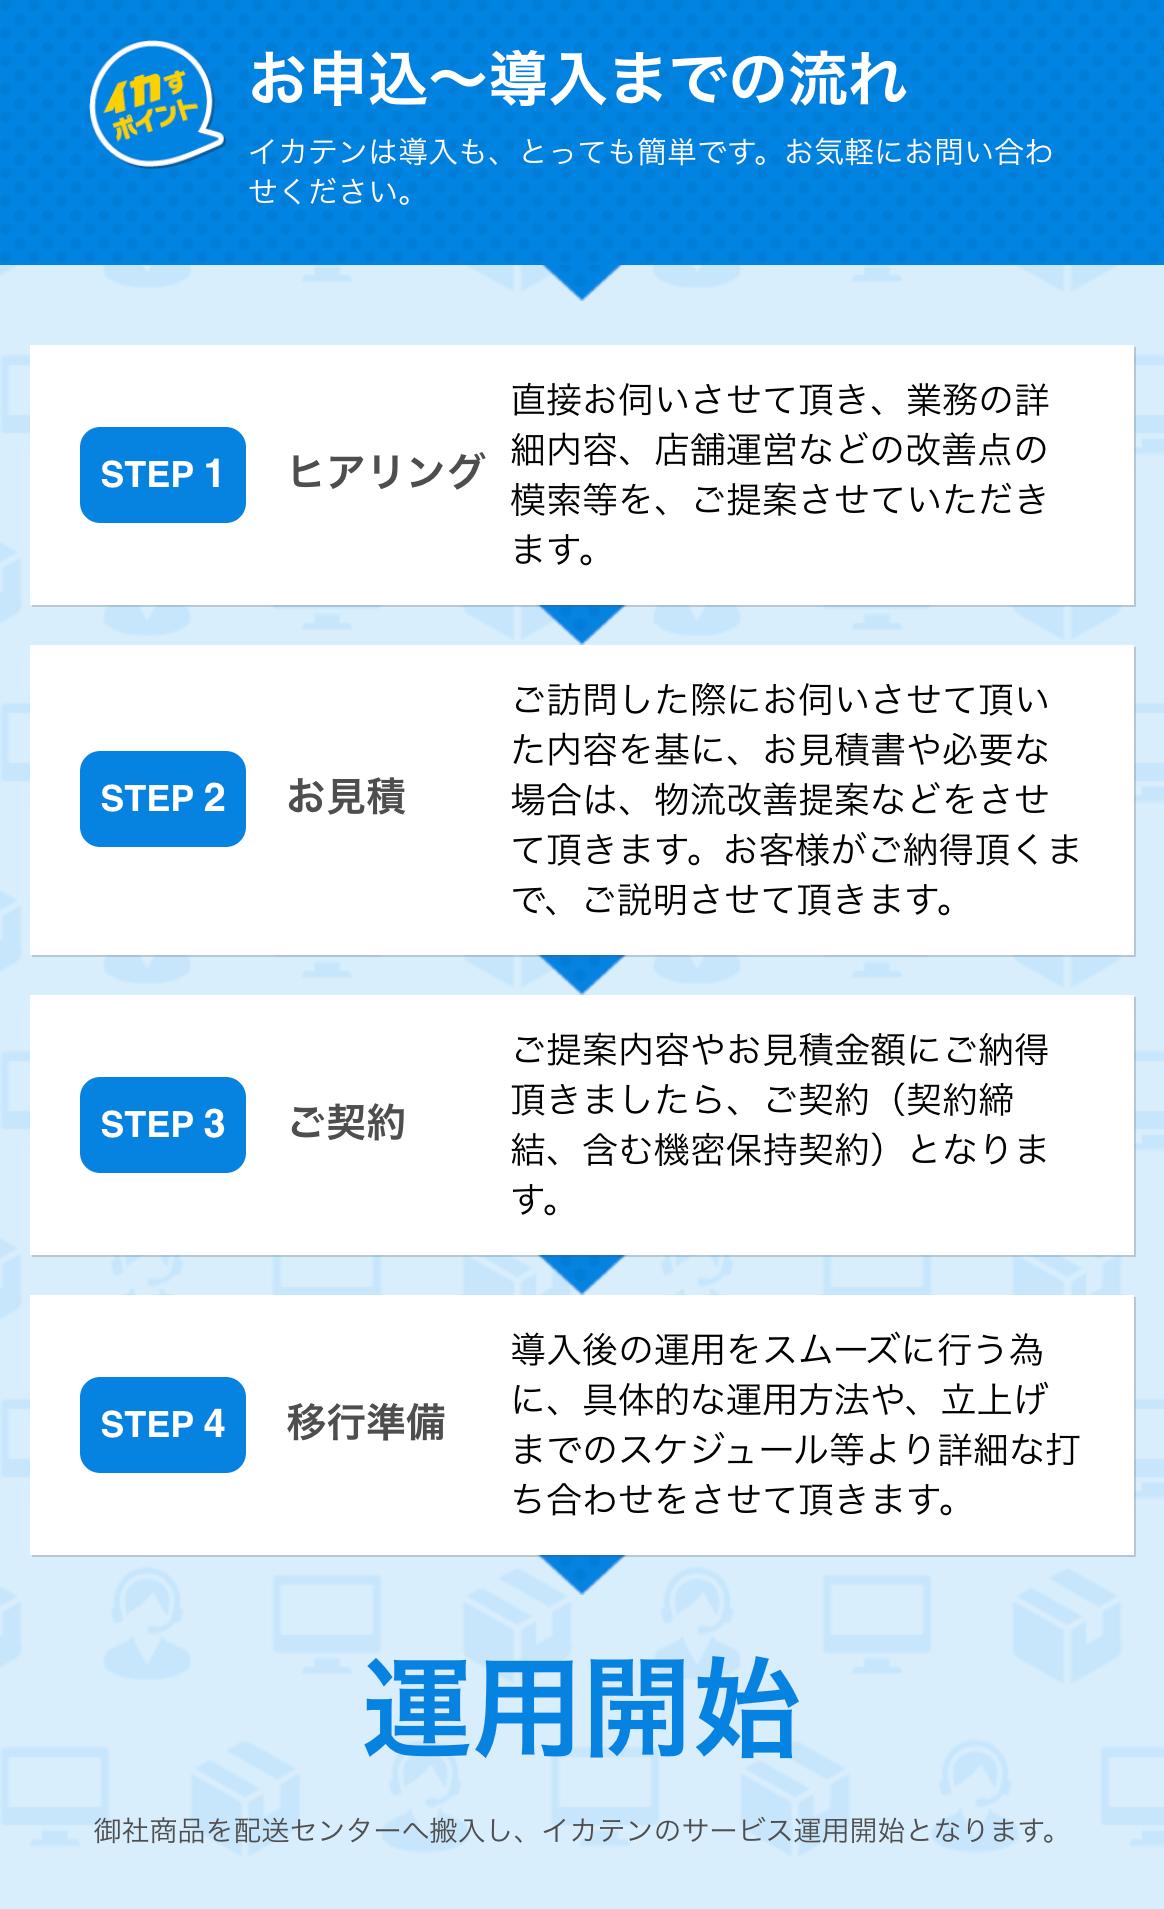 ネットショップ運営代行・コールセンター:イカすぜ!一括店長イカテン 申込〜導入までの流れ